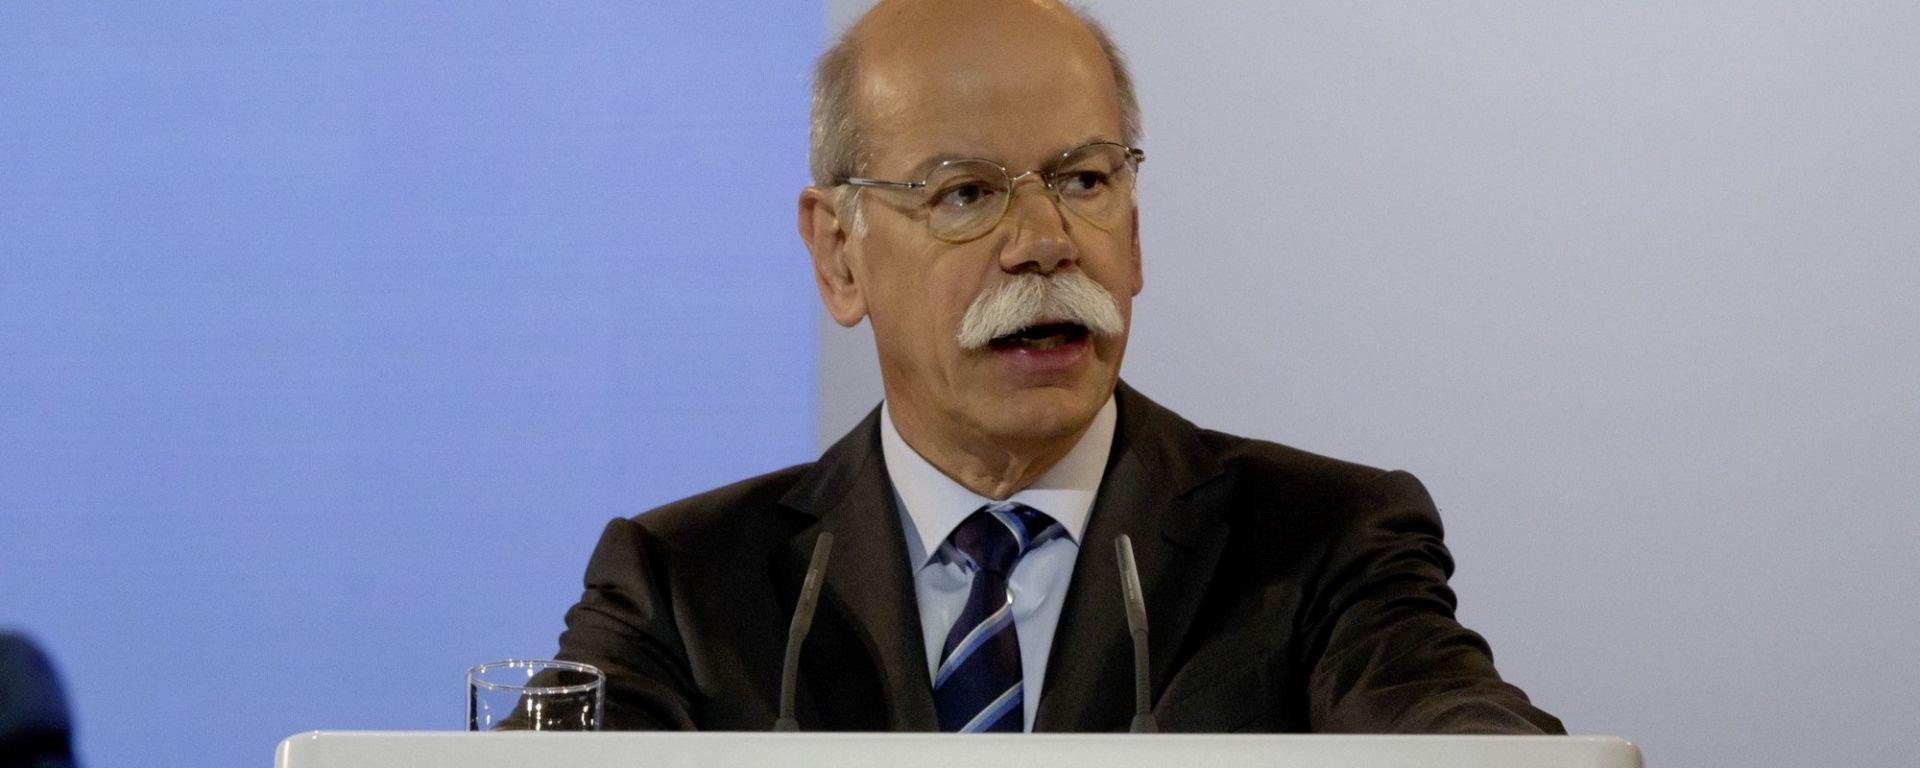 Dieter Zetsche, Ceo e presidente di Daimler AG